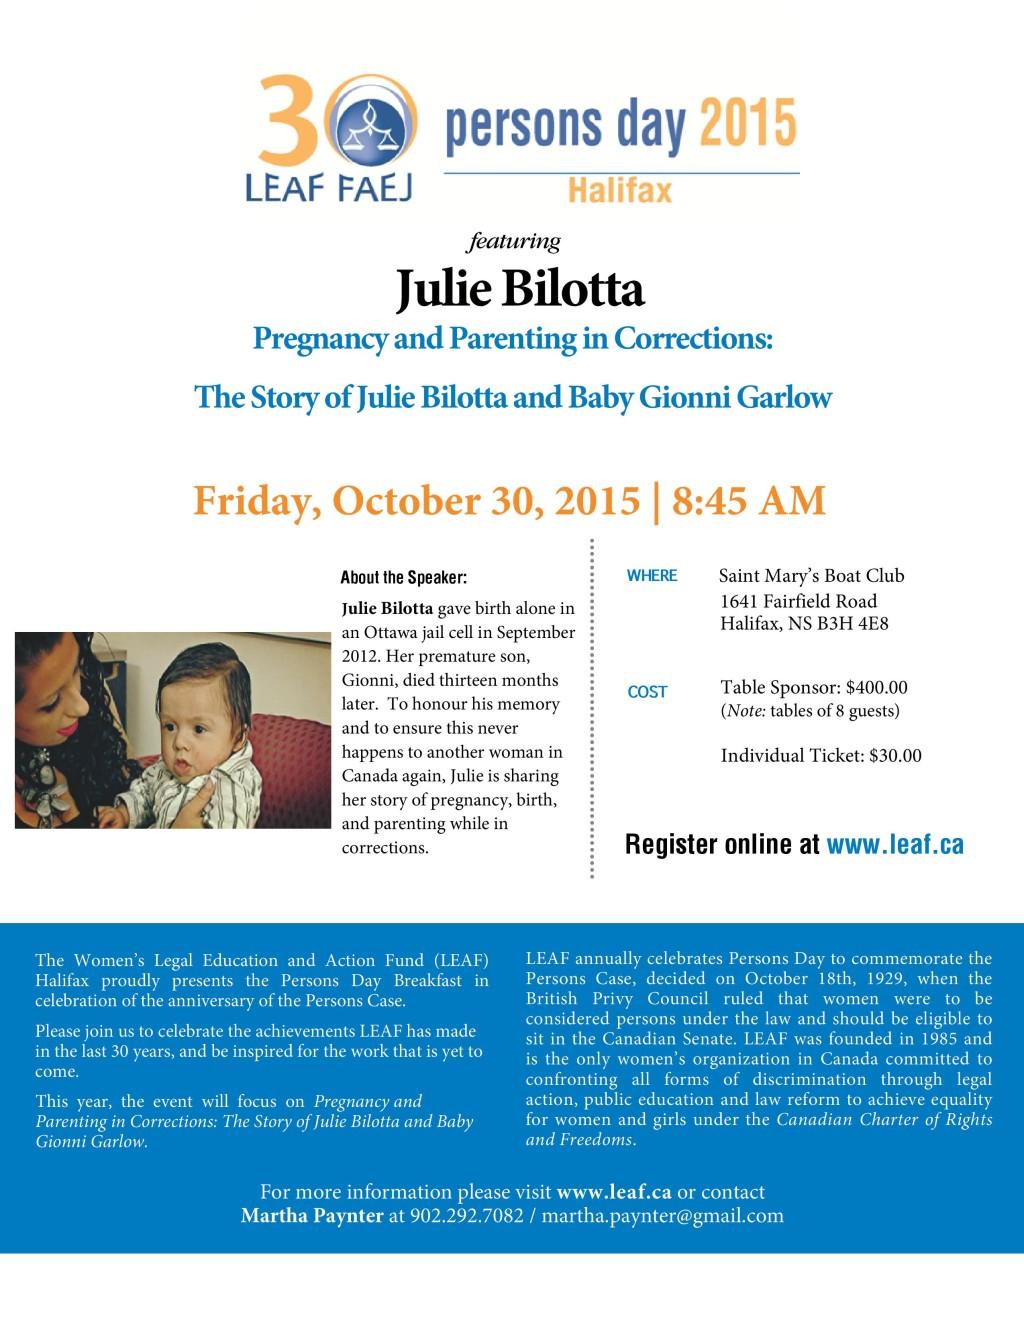 2015 LEAF Halifax Persons Day Breakfast Gala